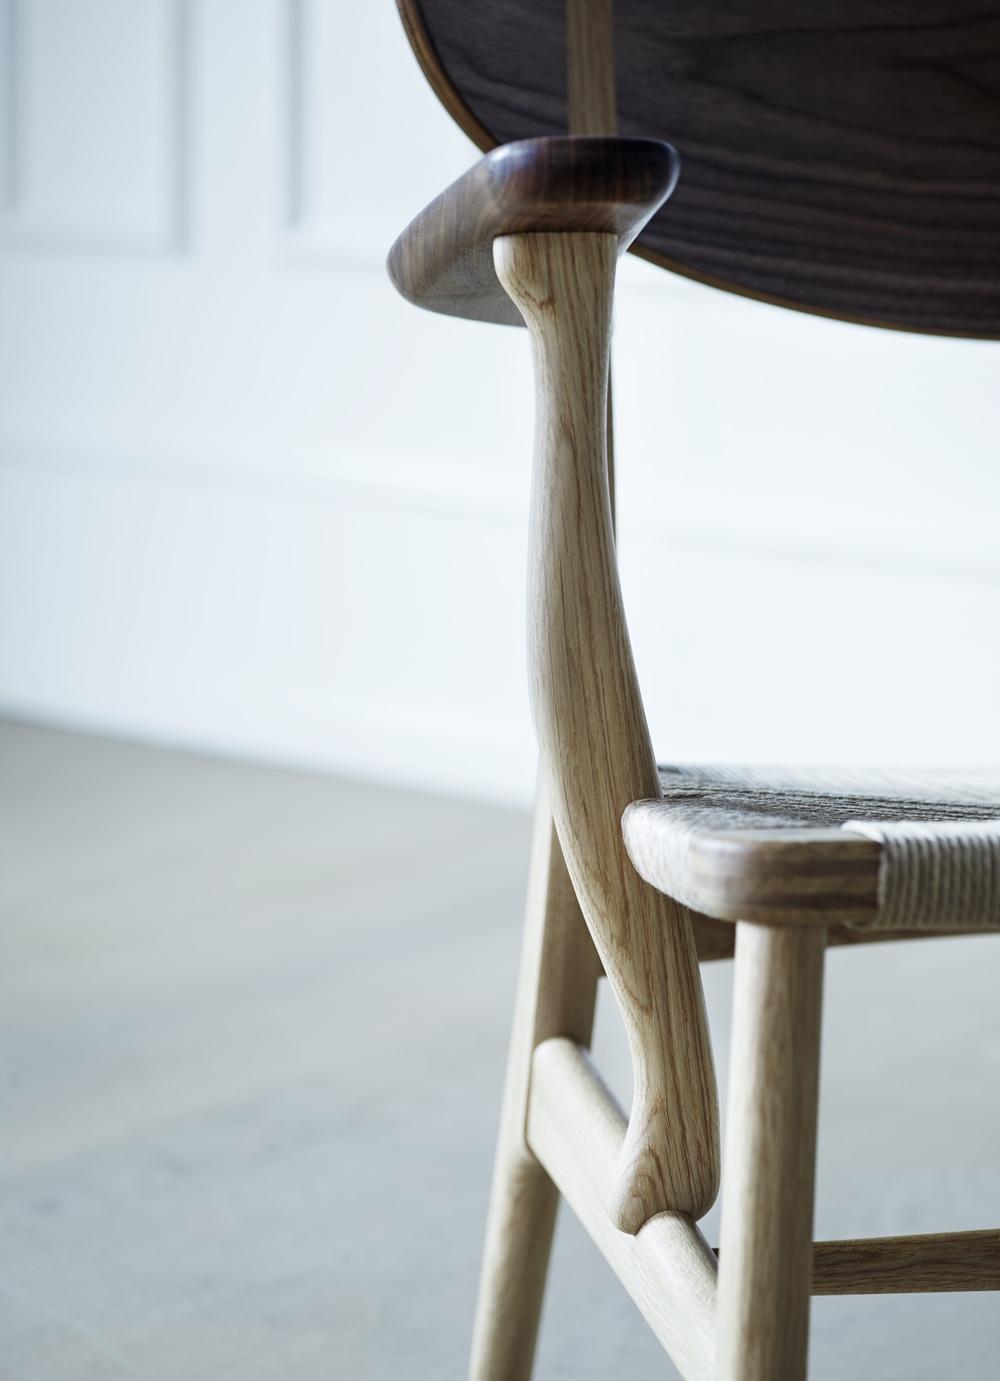 Современные дизайнерские стулья Н22 в интерьере